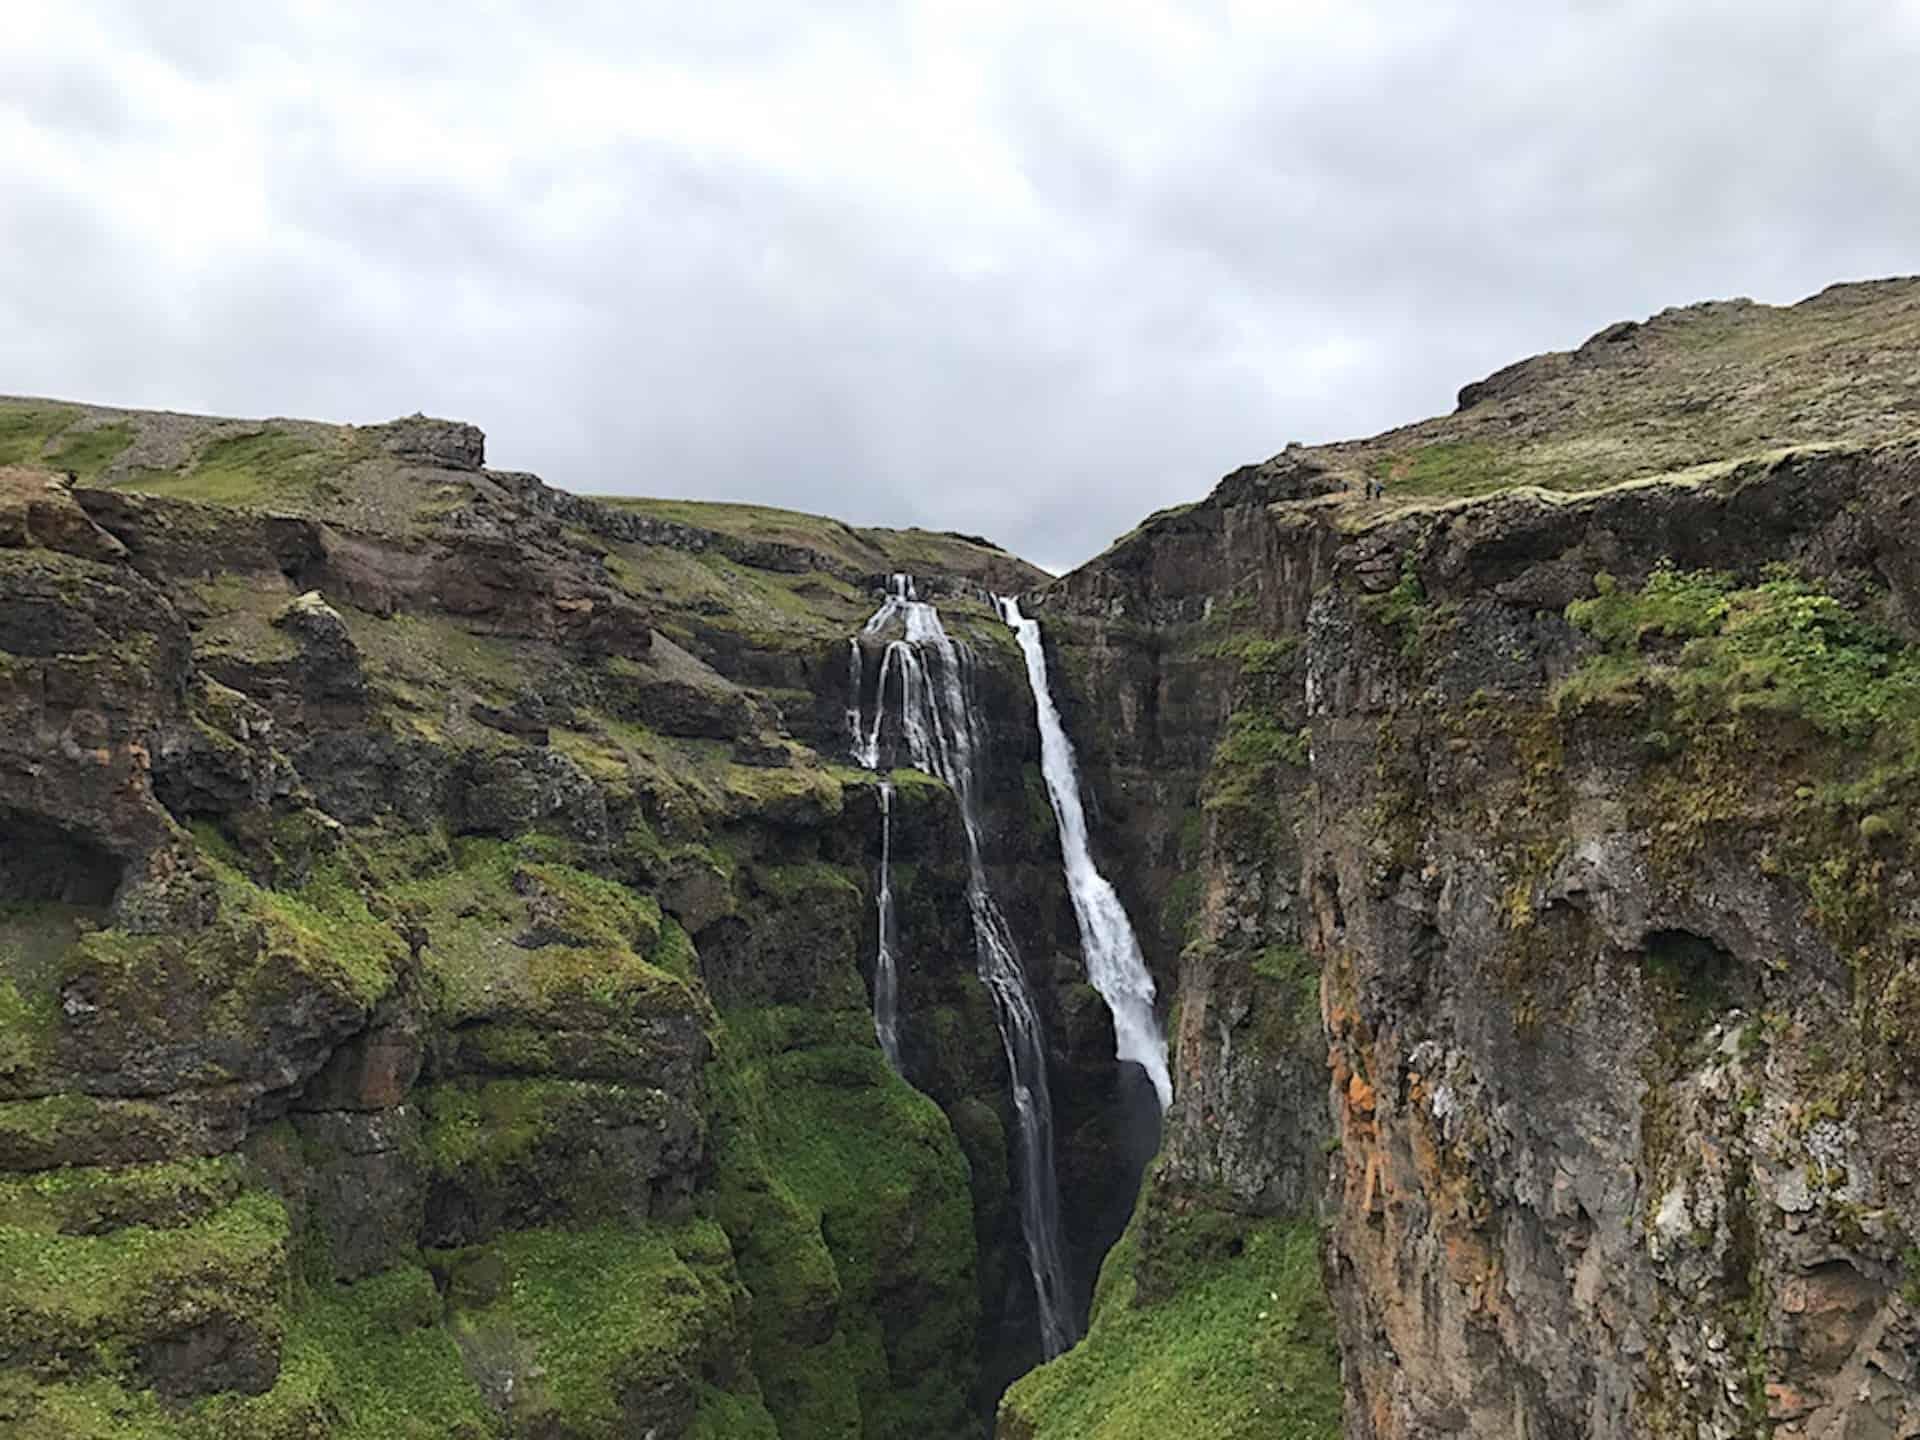 The Glymur Waterfall Hike